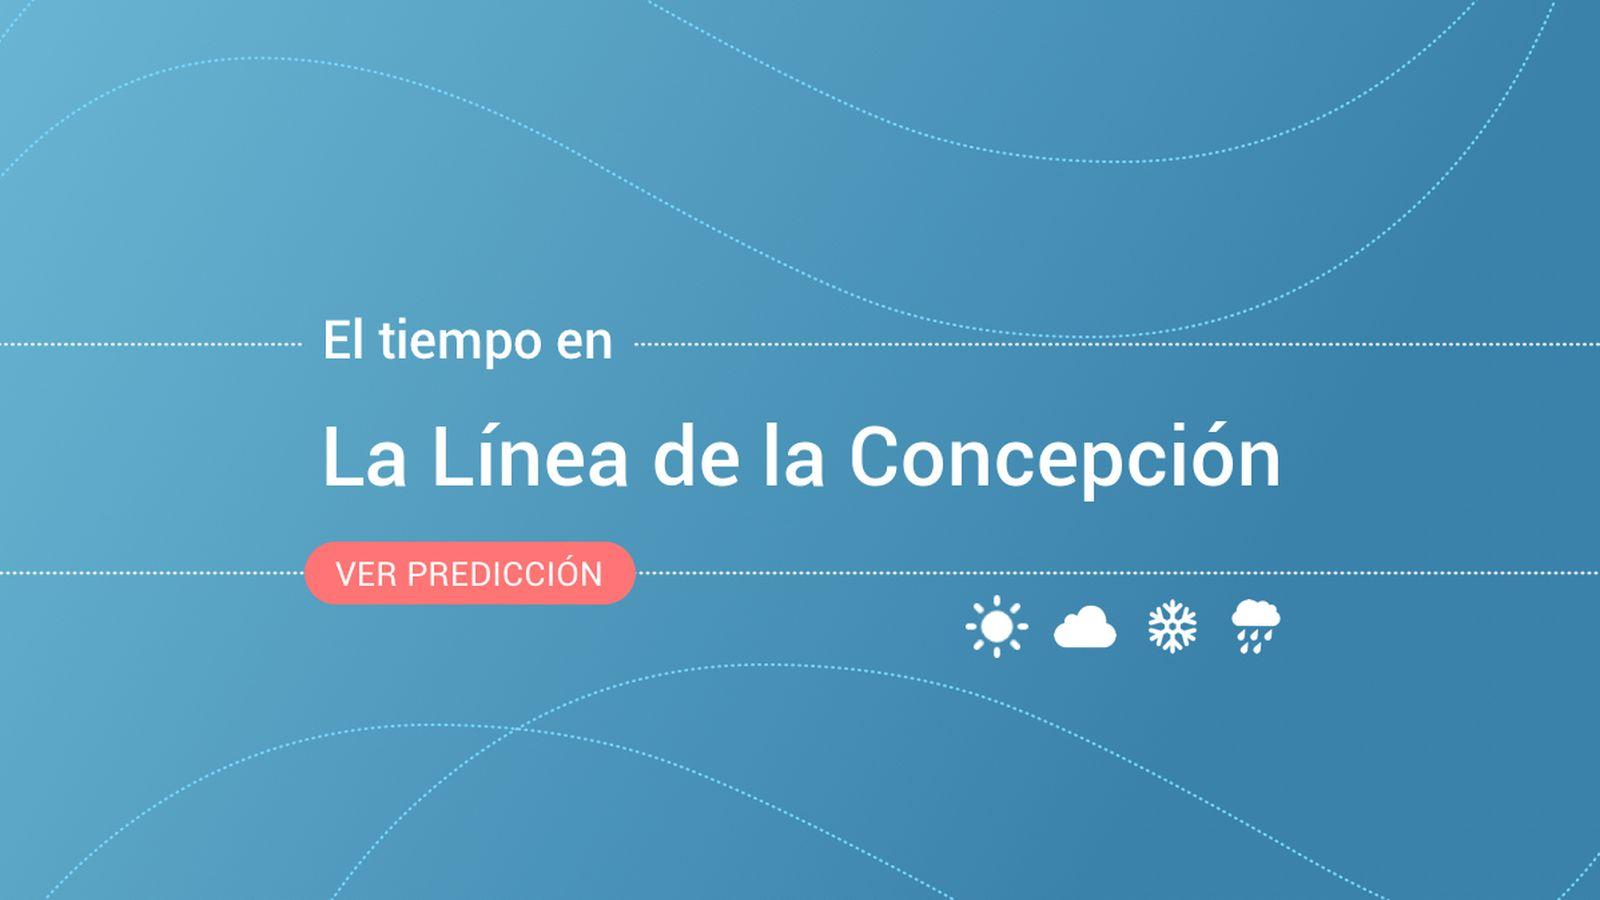 Foto: El tiempo en La Línea de la Concepción. (EC)